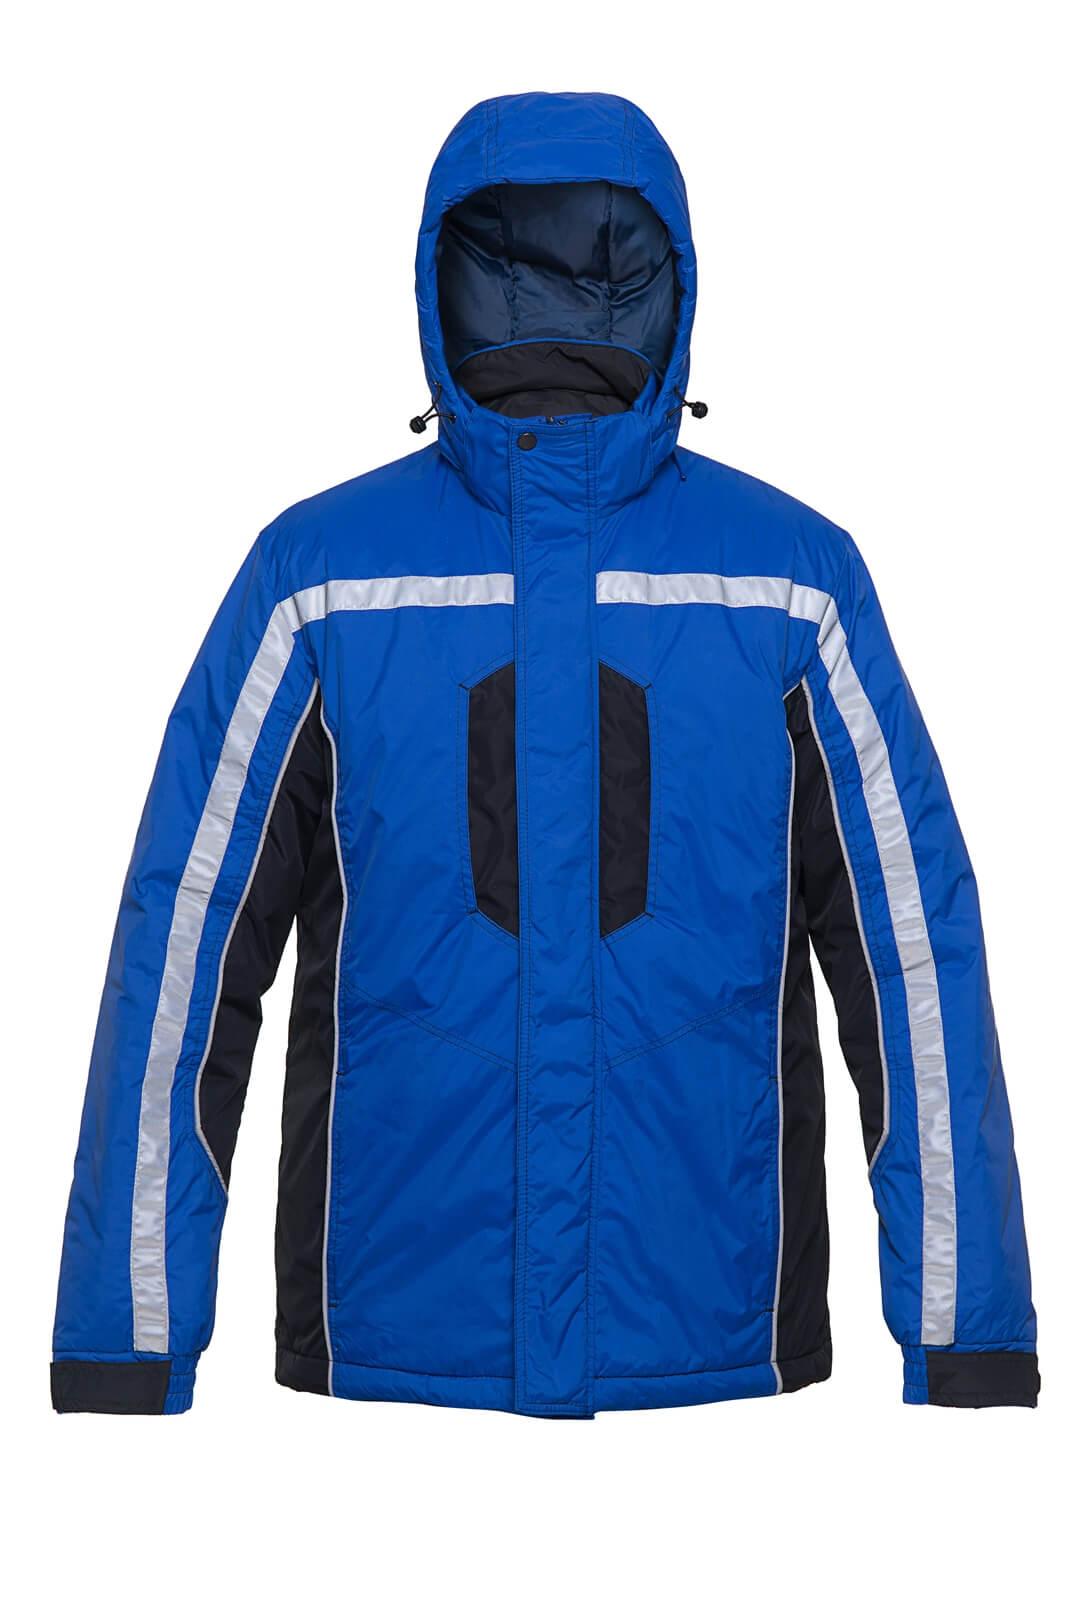 Куртка зимняя рабочая спорт Артикул 13.1 - VT STYLE